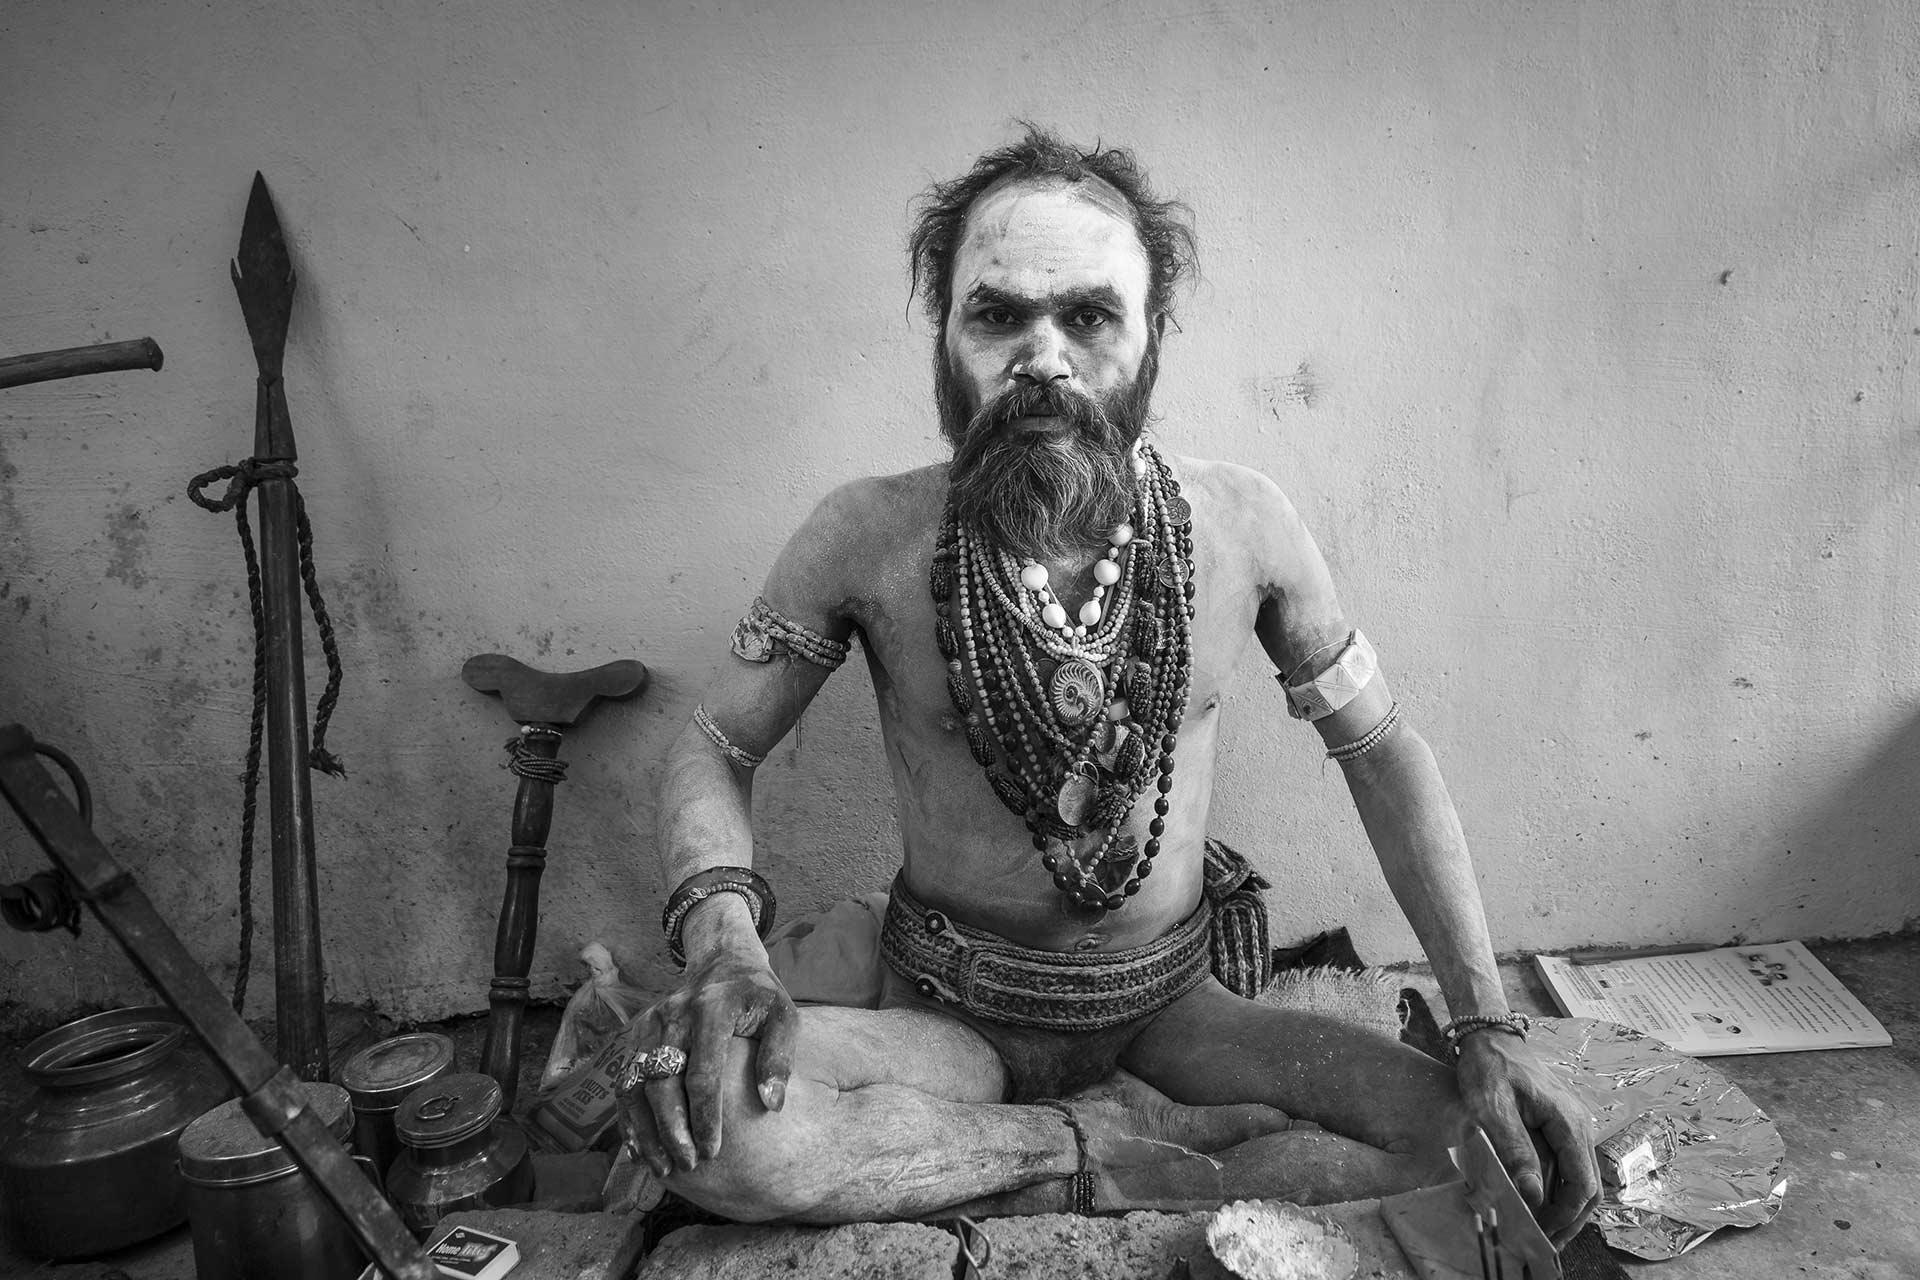 naga-sadhu-kumbh-mela